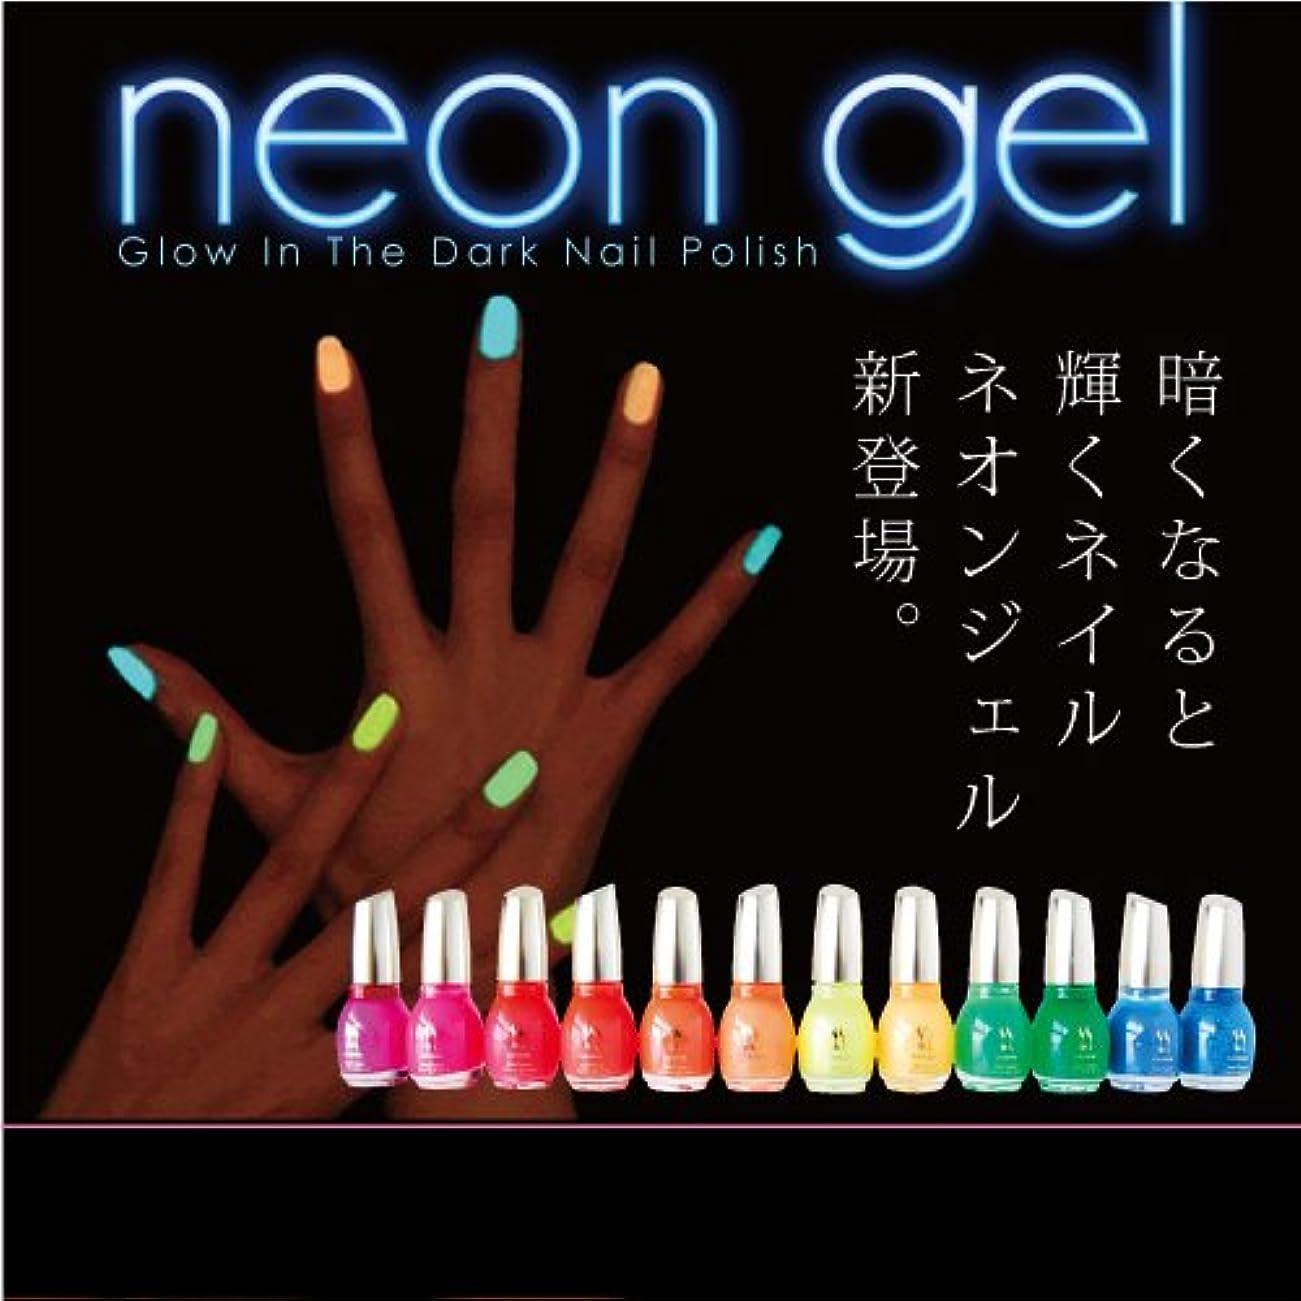 下手ブラケットマガジンNeon Gel -Glow In The Dark- 蛍光ネイルポリッシュ 15ml カラー:08 ディープグリーン [マニキュア ネイルカラー ジェルネイルカラー ネイルポリッシュ SHANTI]